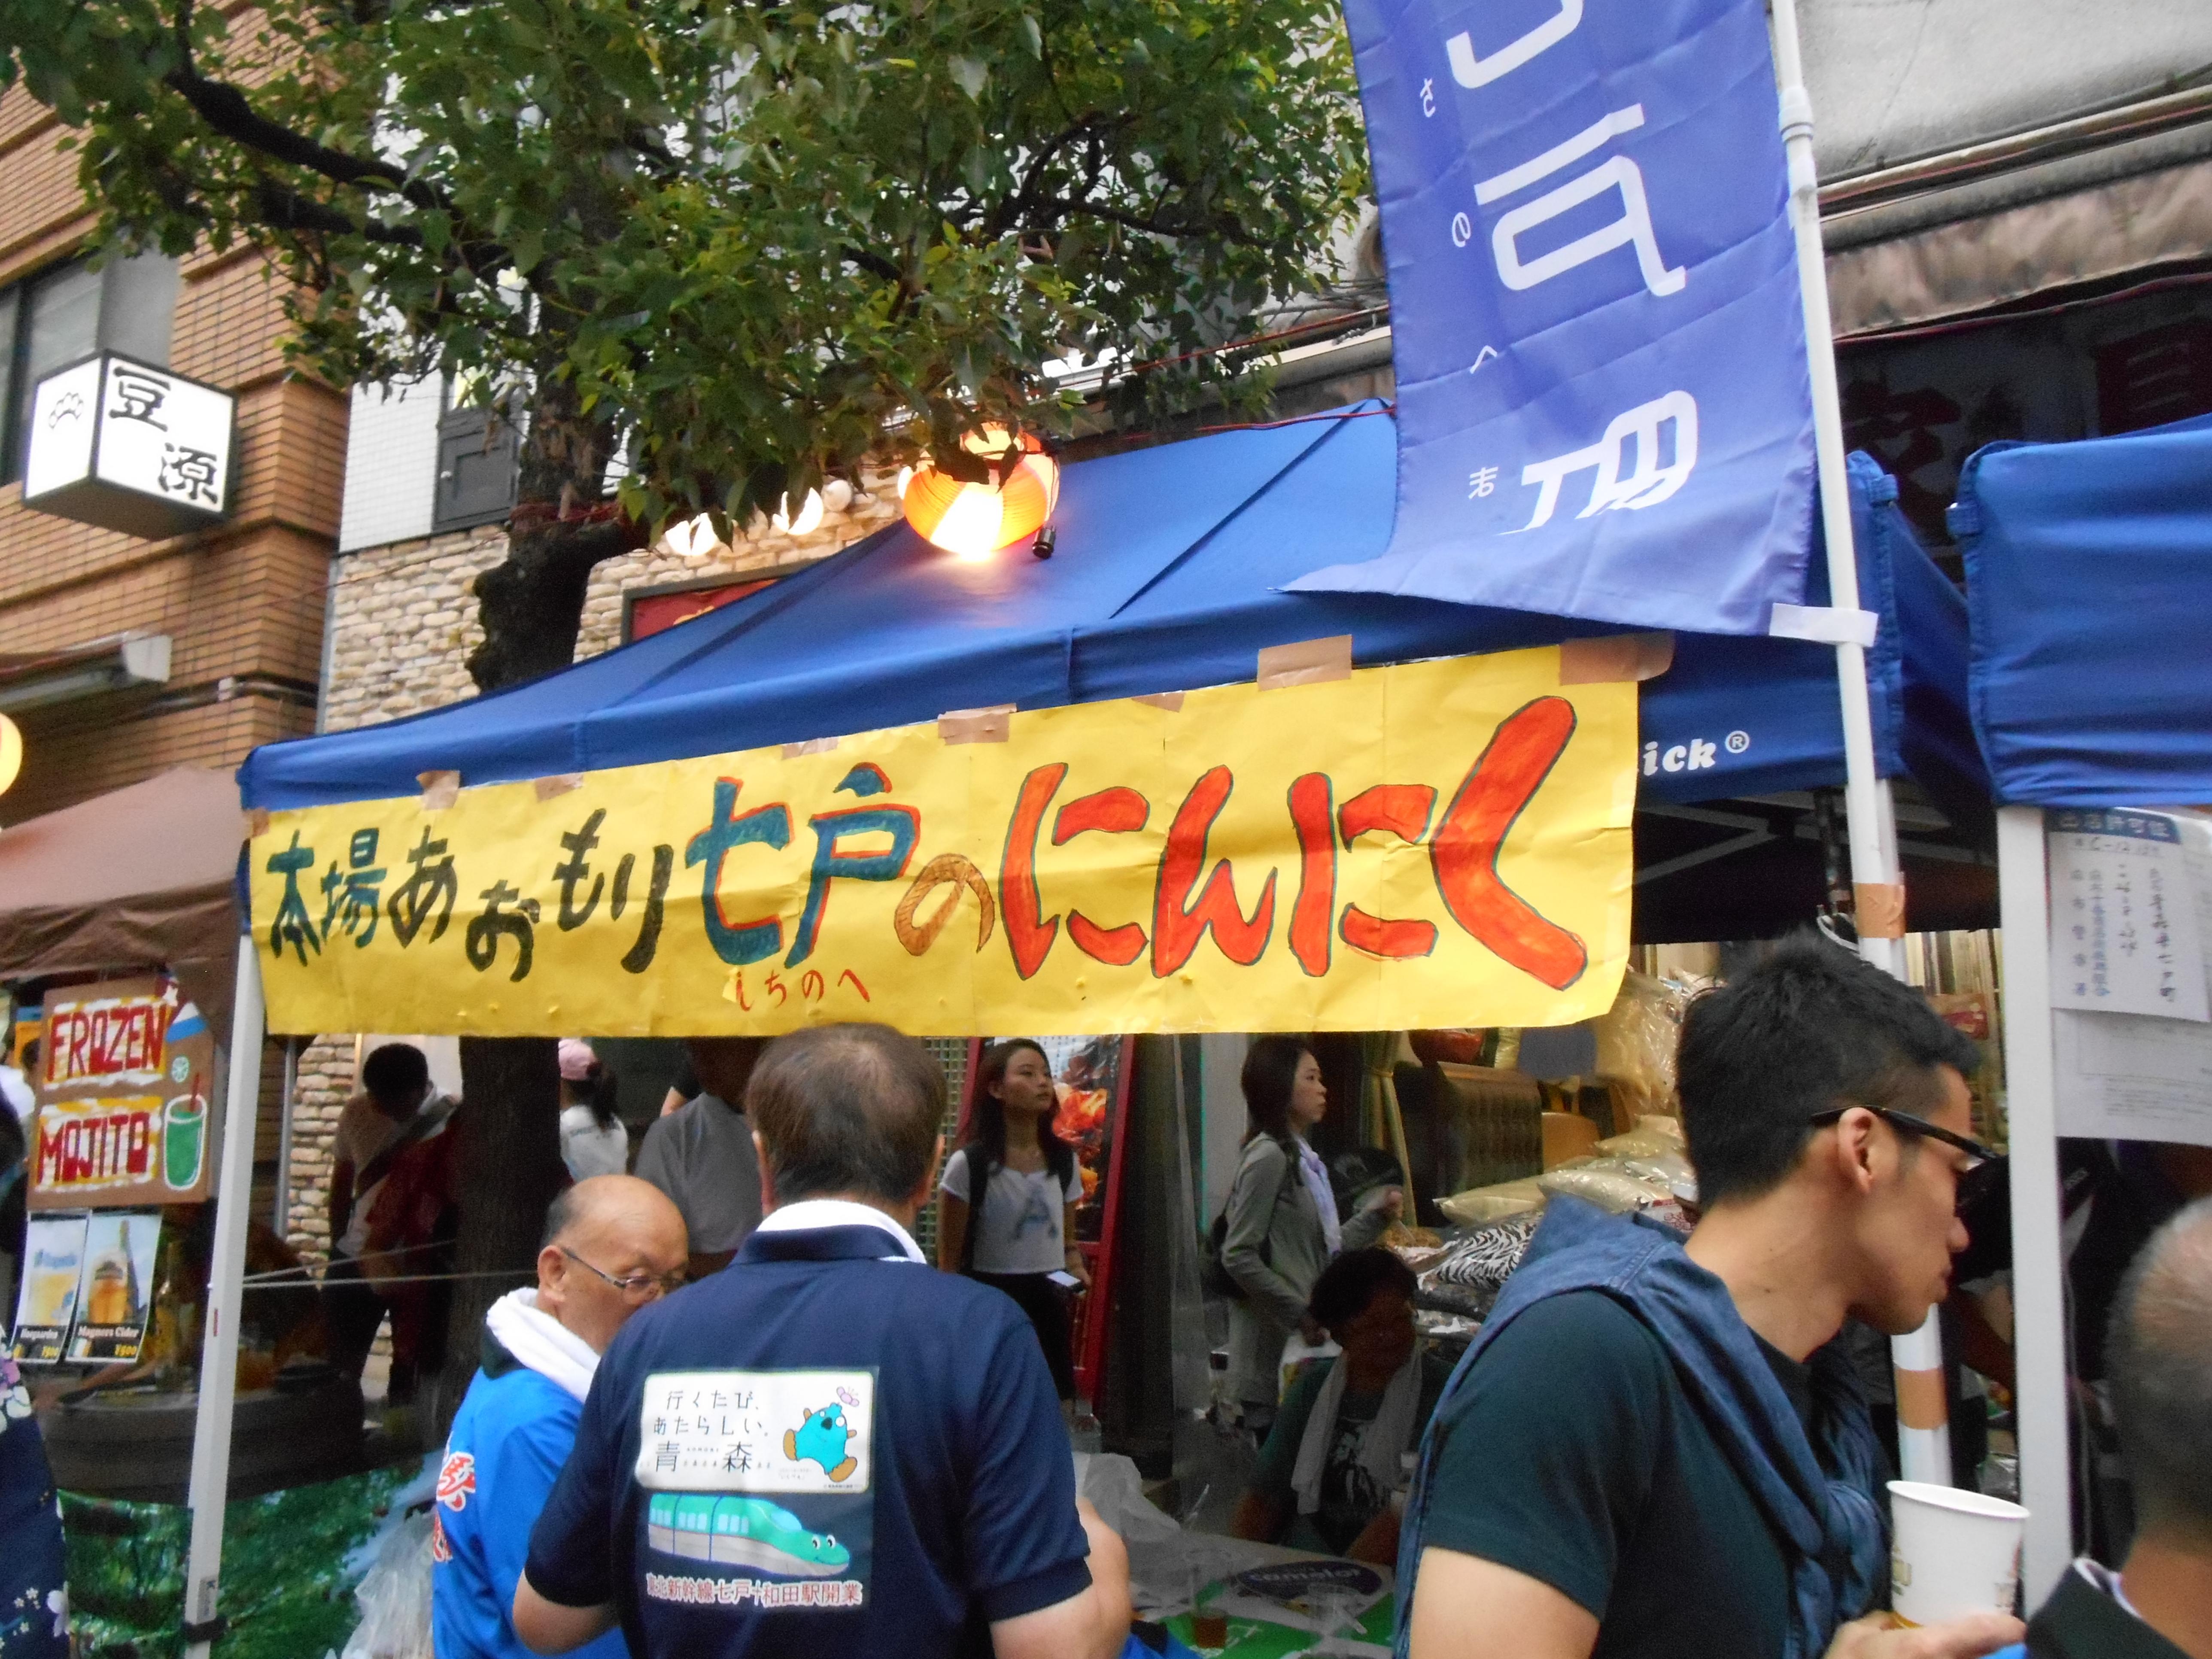 DSCN1158 1 - 麻布十番納涼祭り25,26日(七戸町出店)